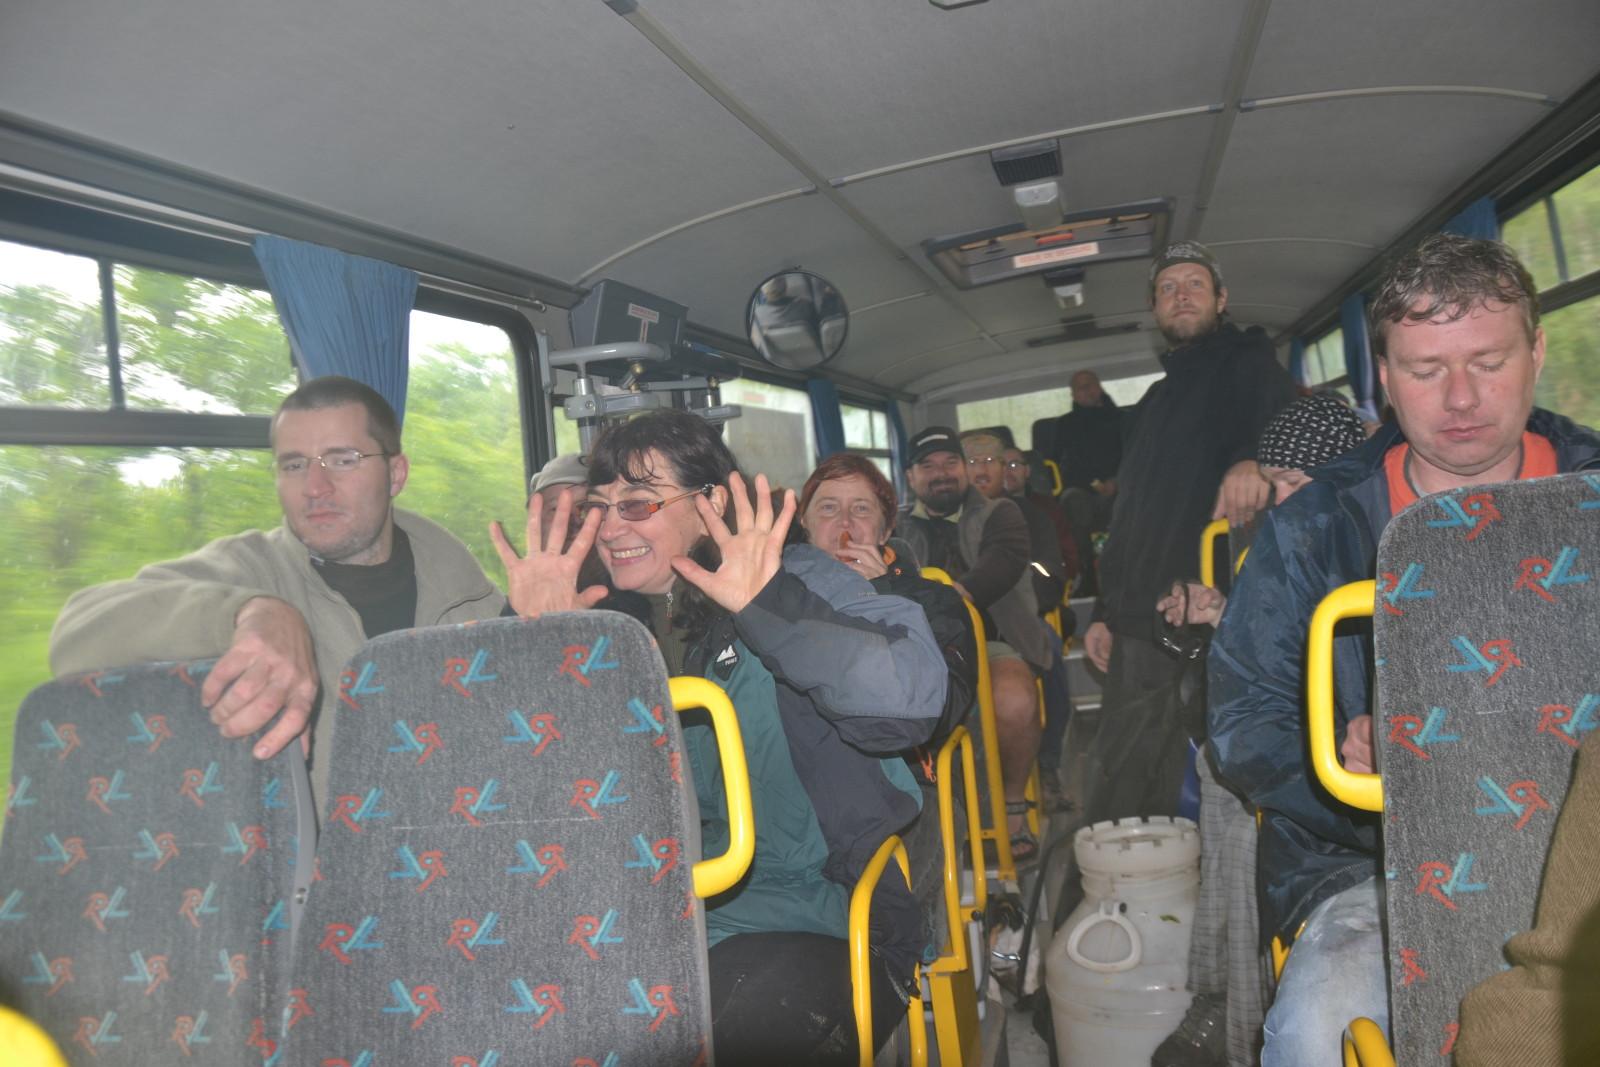 13 05 26 15.06.12 Druhý Den V autobuse Už nás tolik nebylo